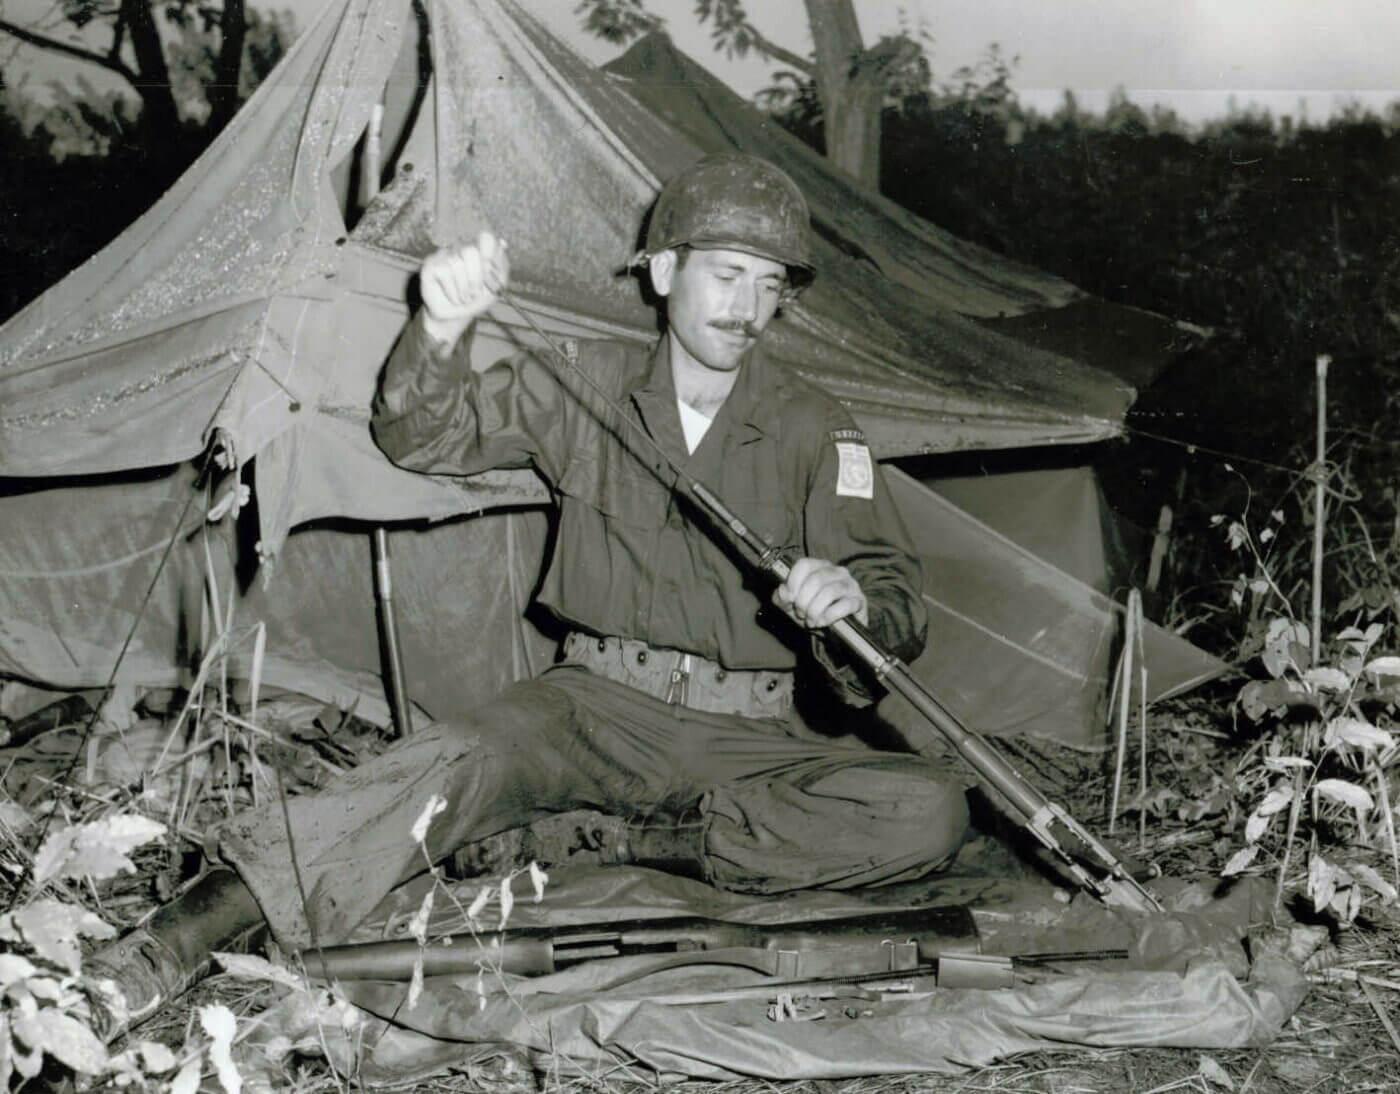 Greek soldier with M1 in Korean War